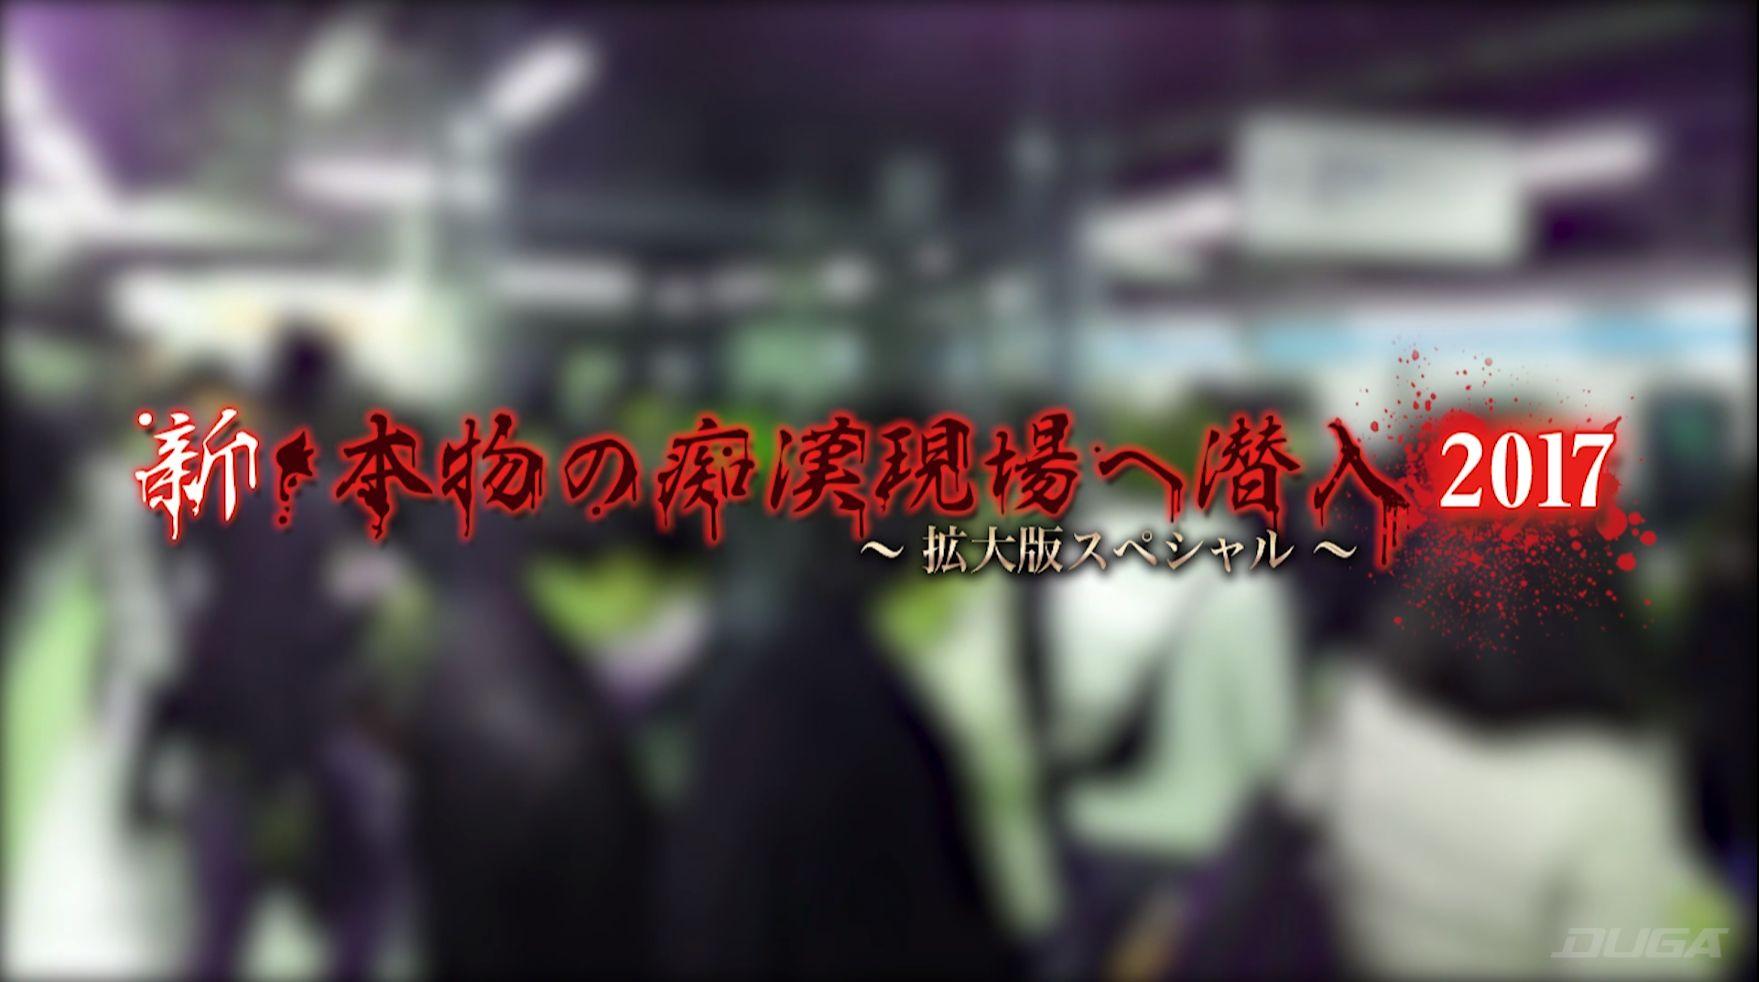 新・本物の痴漢現場へ潜入2017 ~拡大版スペシャル~